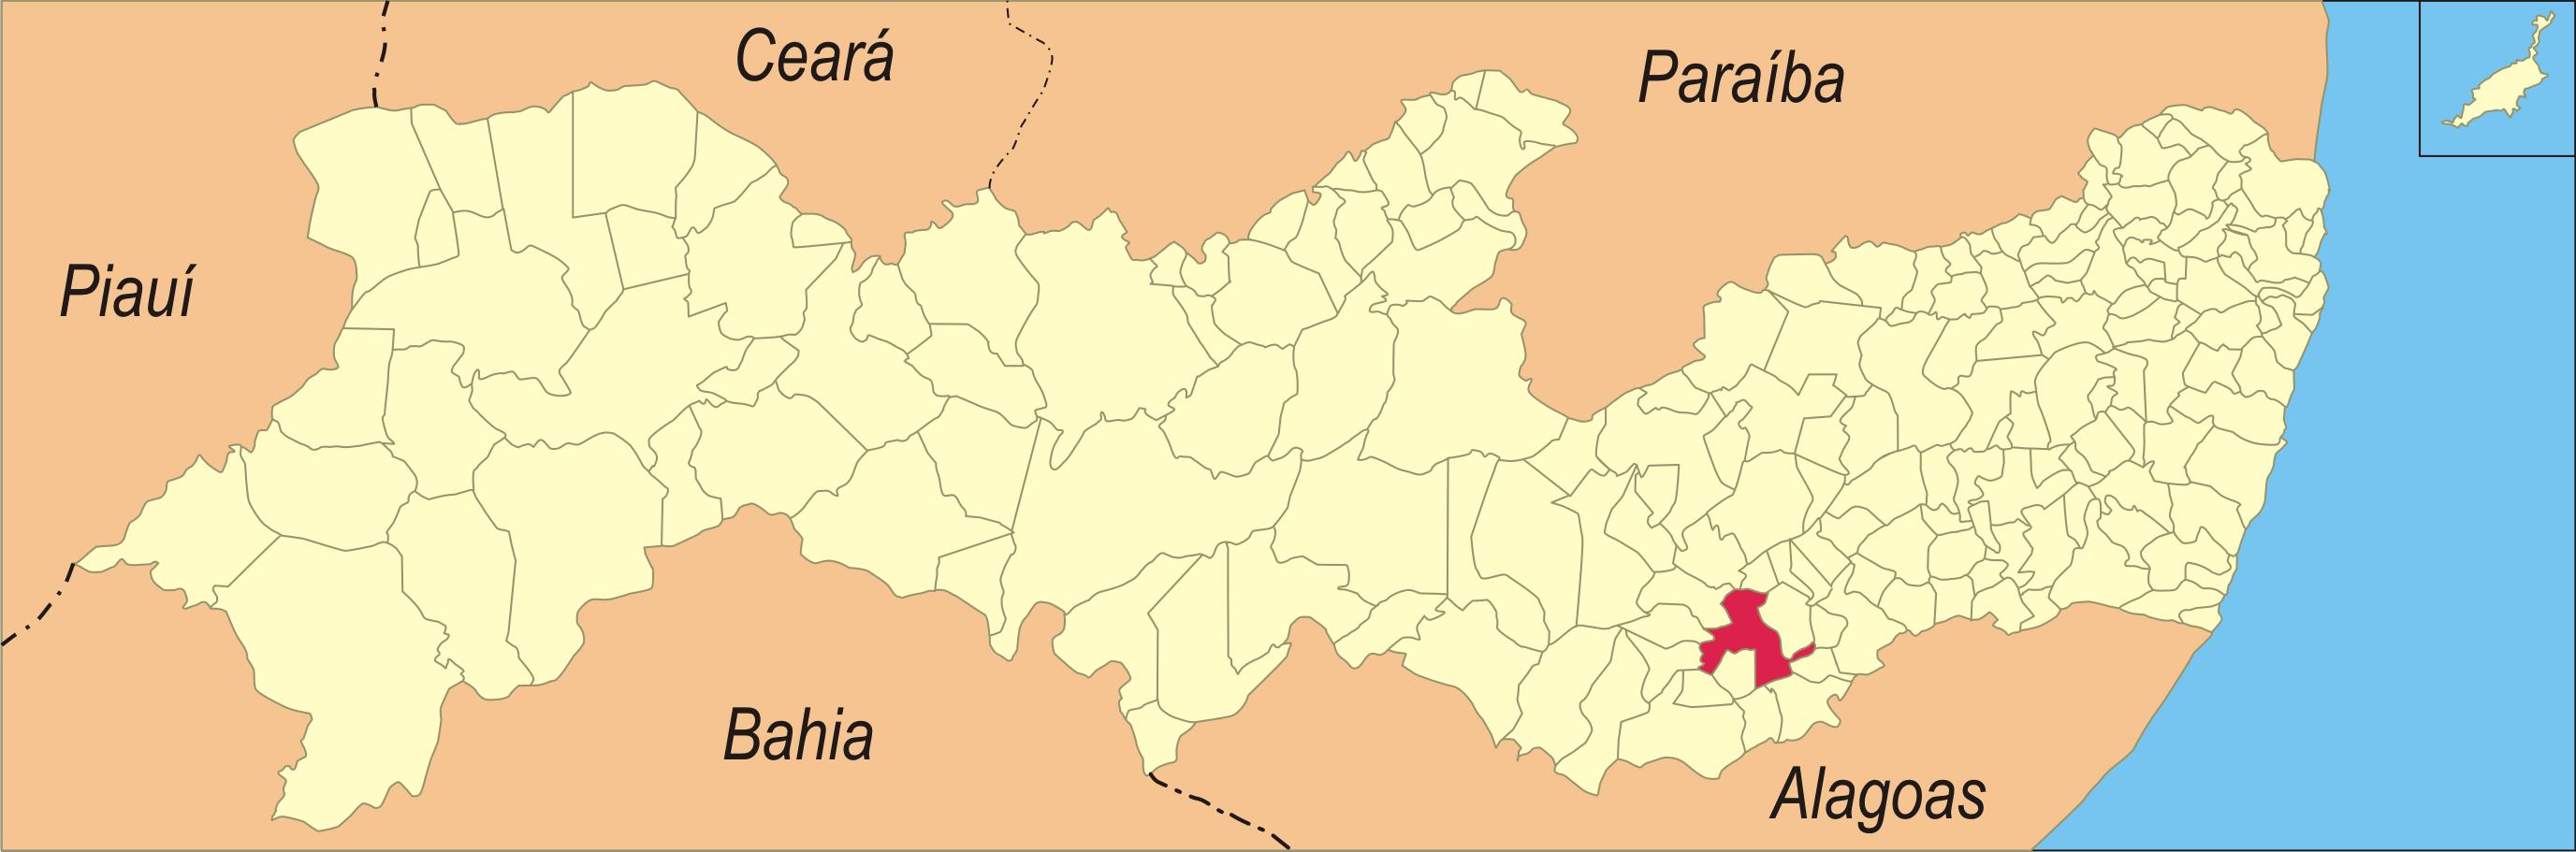 FileGaranhunspng Wikimedia Commons - Garanhuns map